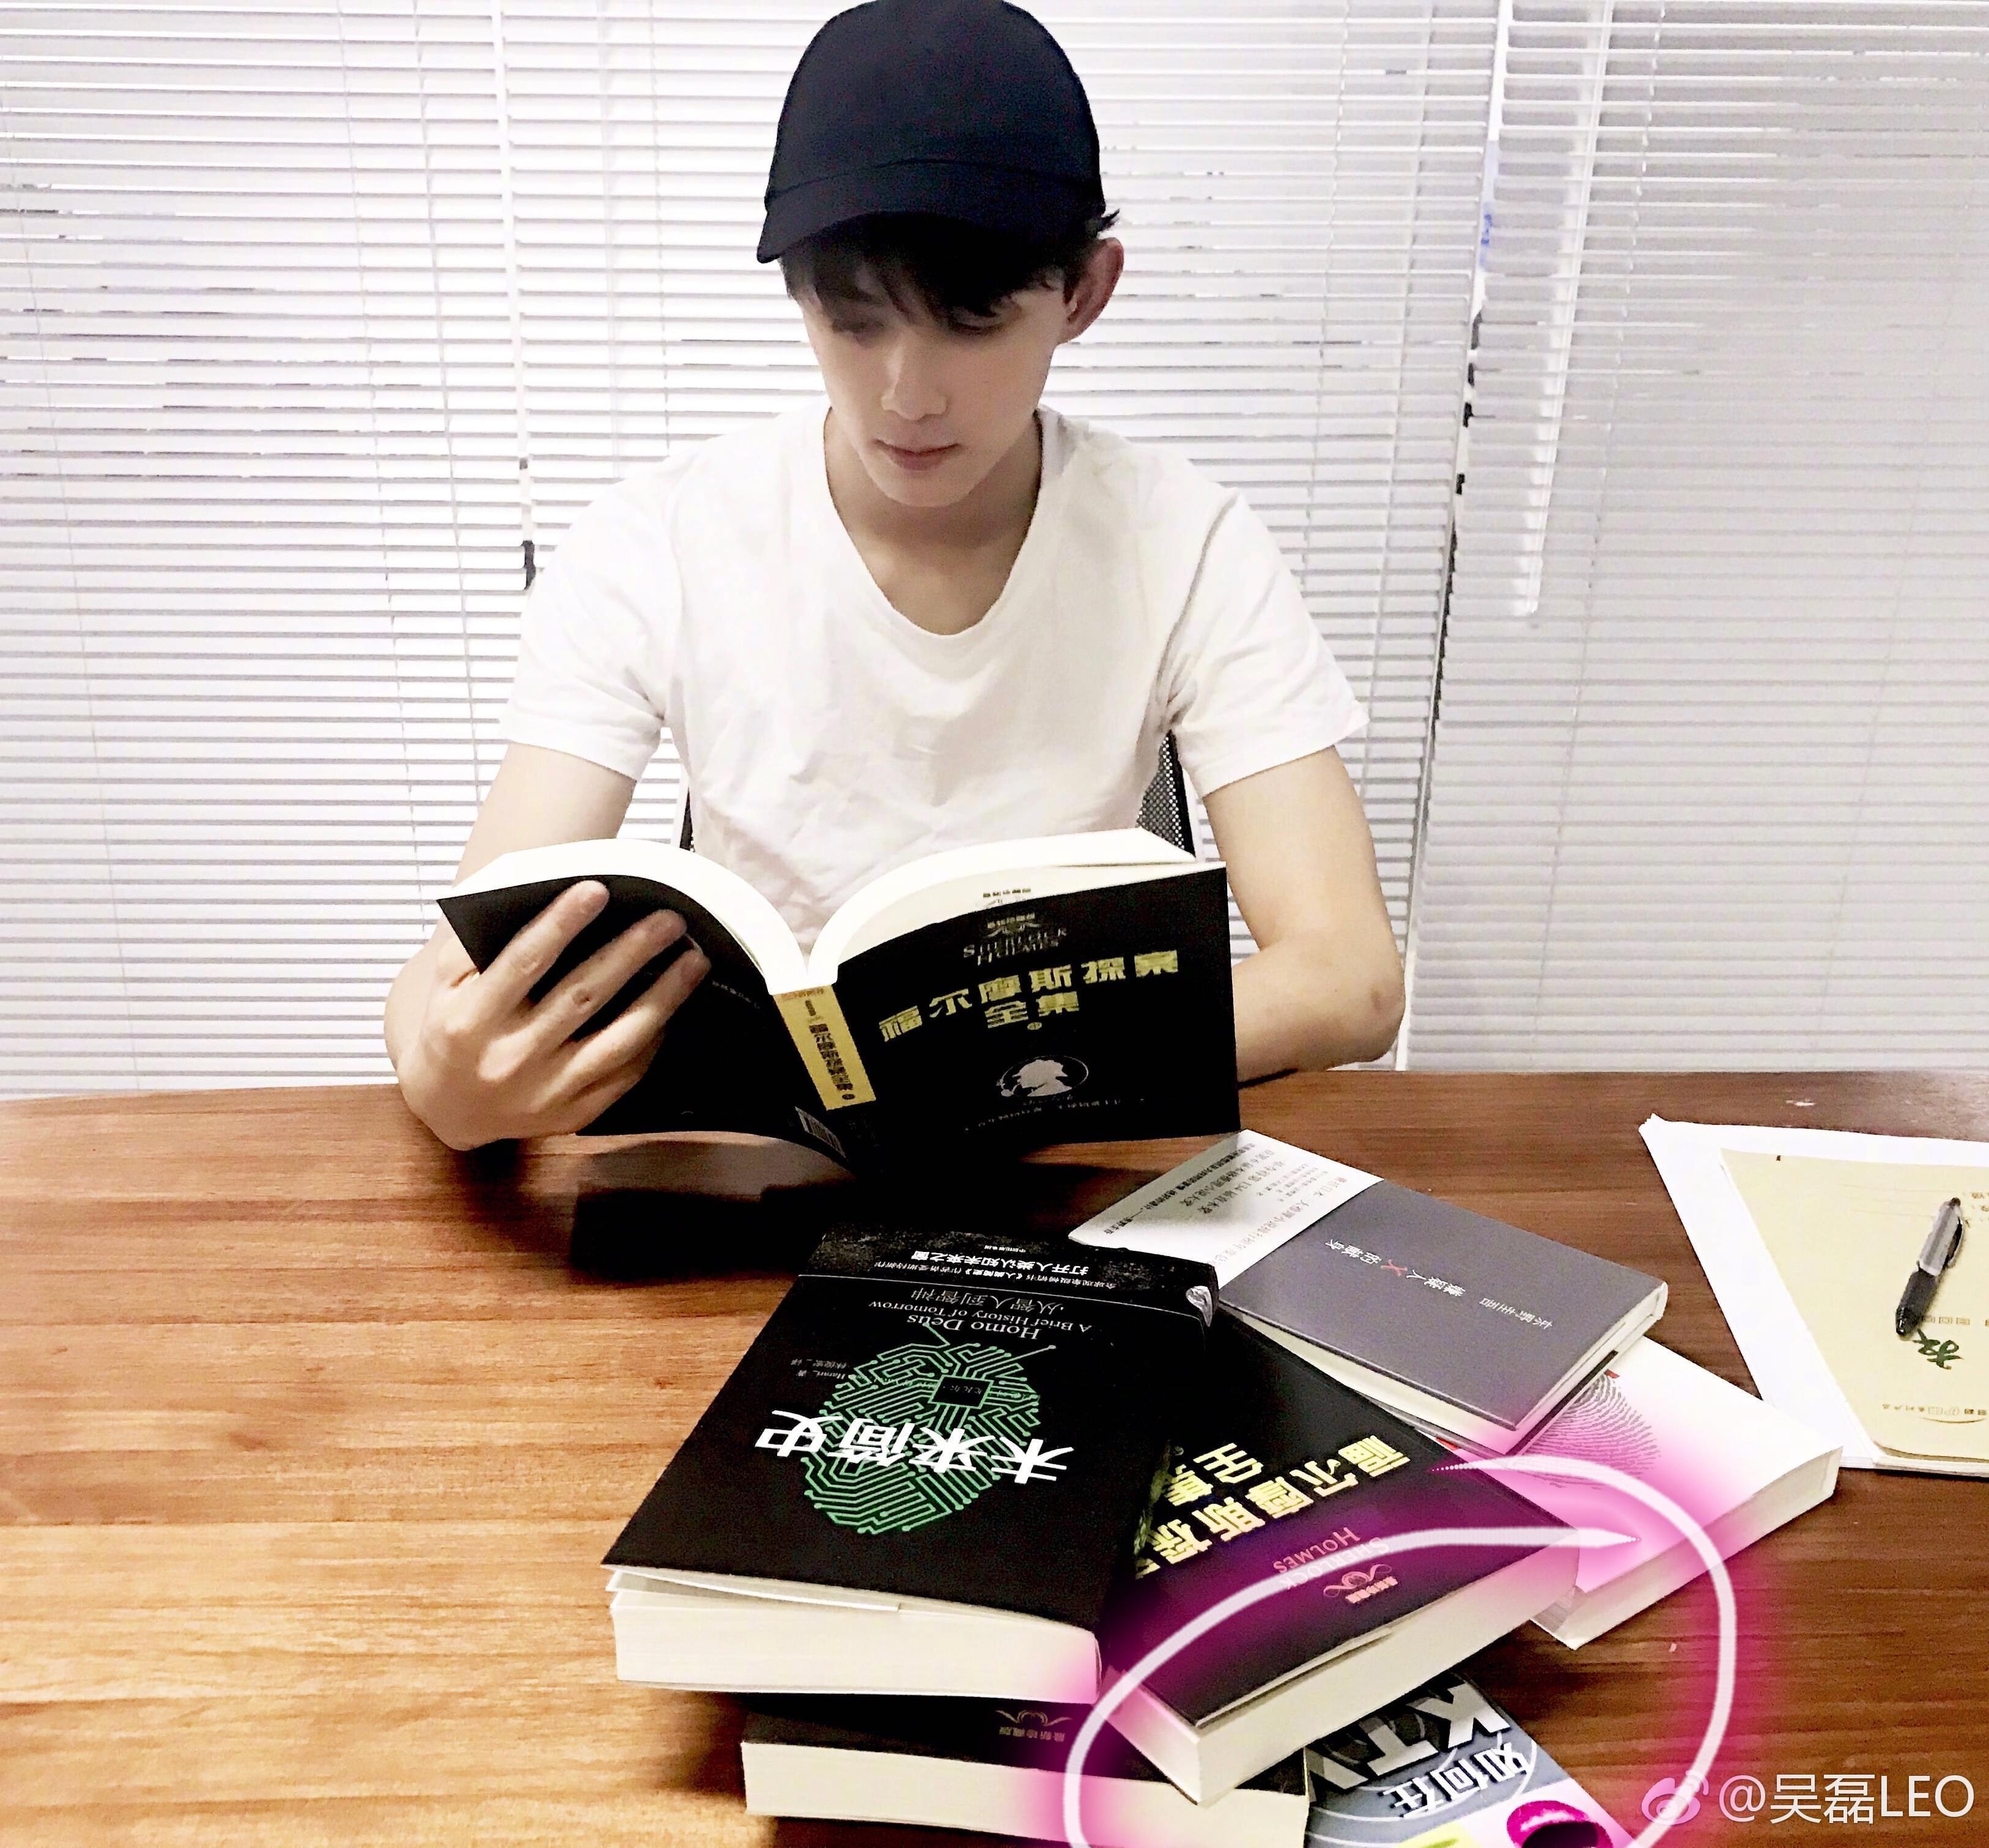 吴磊为《明星大侦探3》读侦探小说 旁边的书亮了